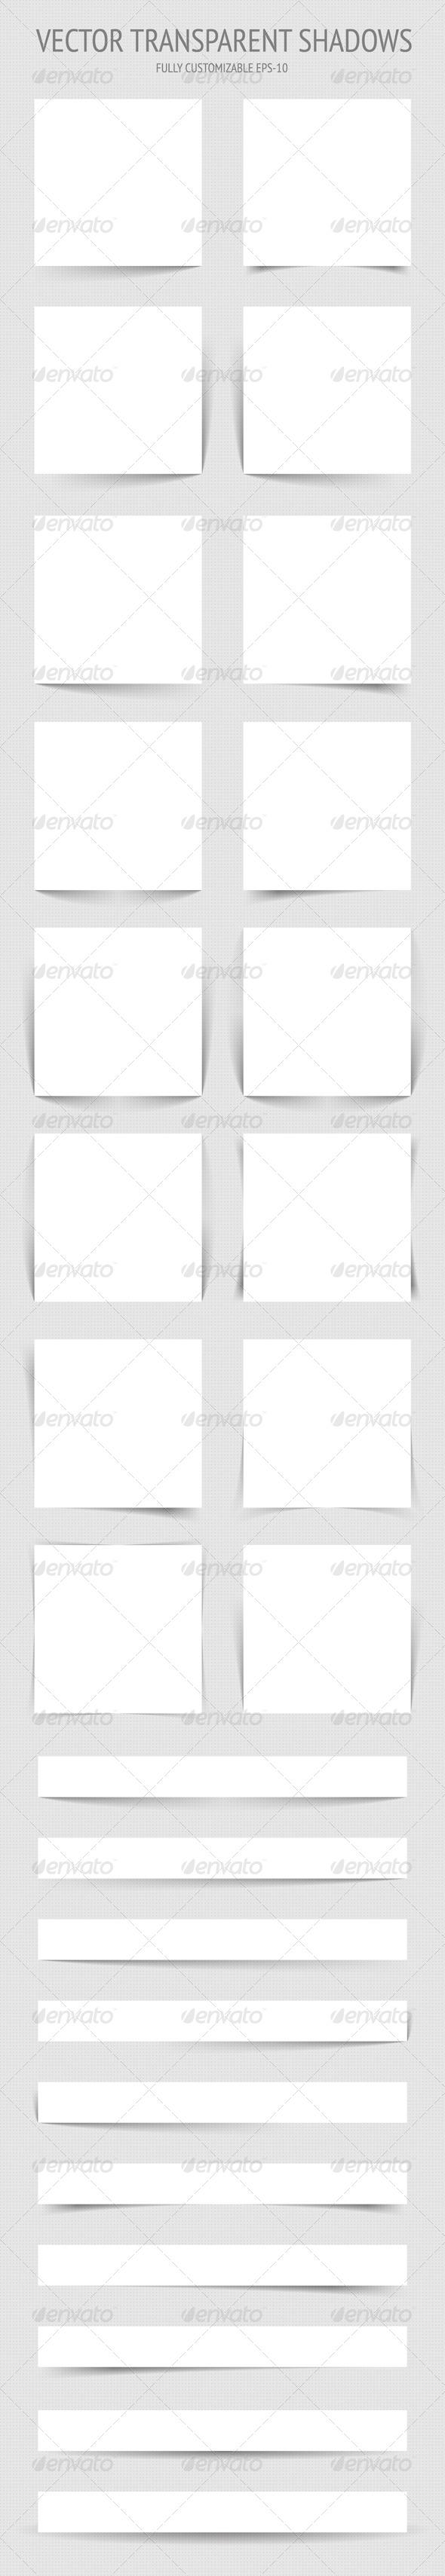 Vector Transparent Shadows - Web Elements Vectors